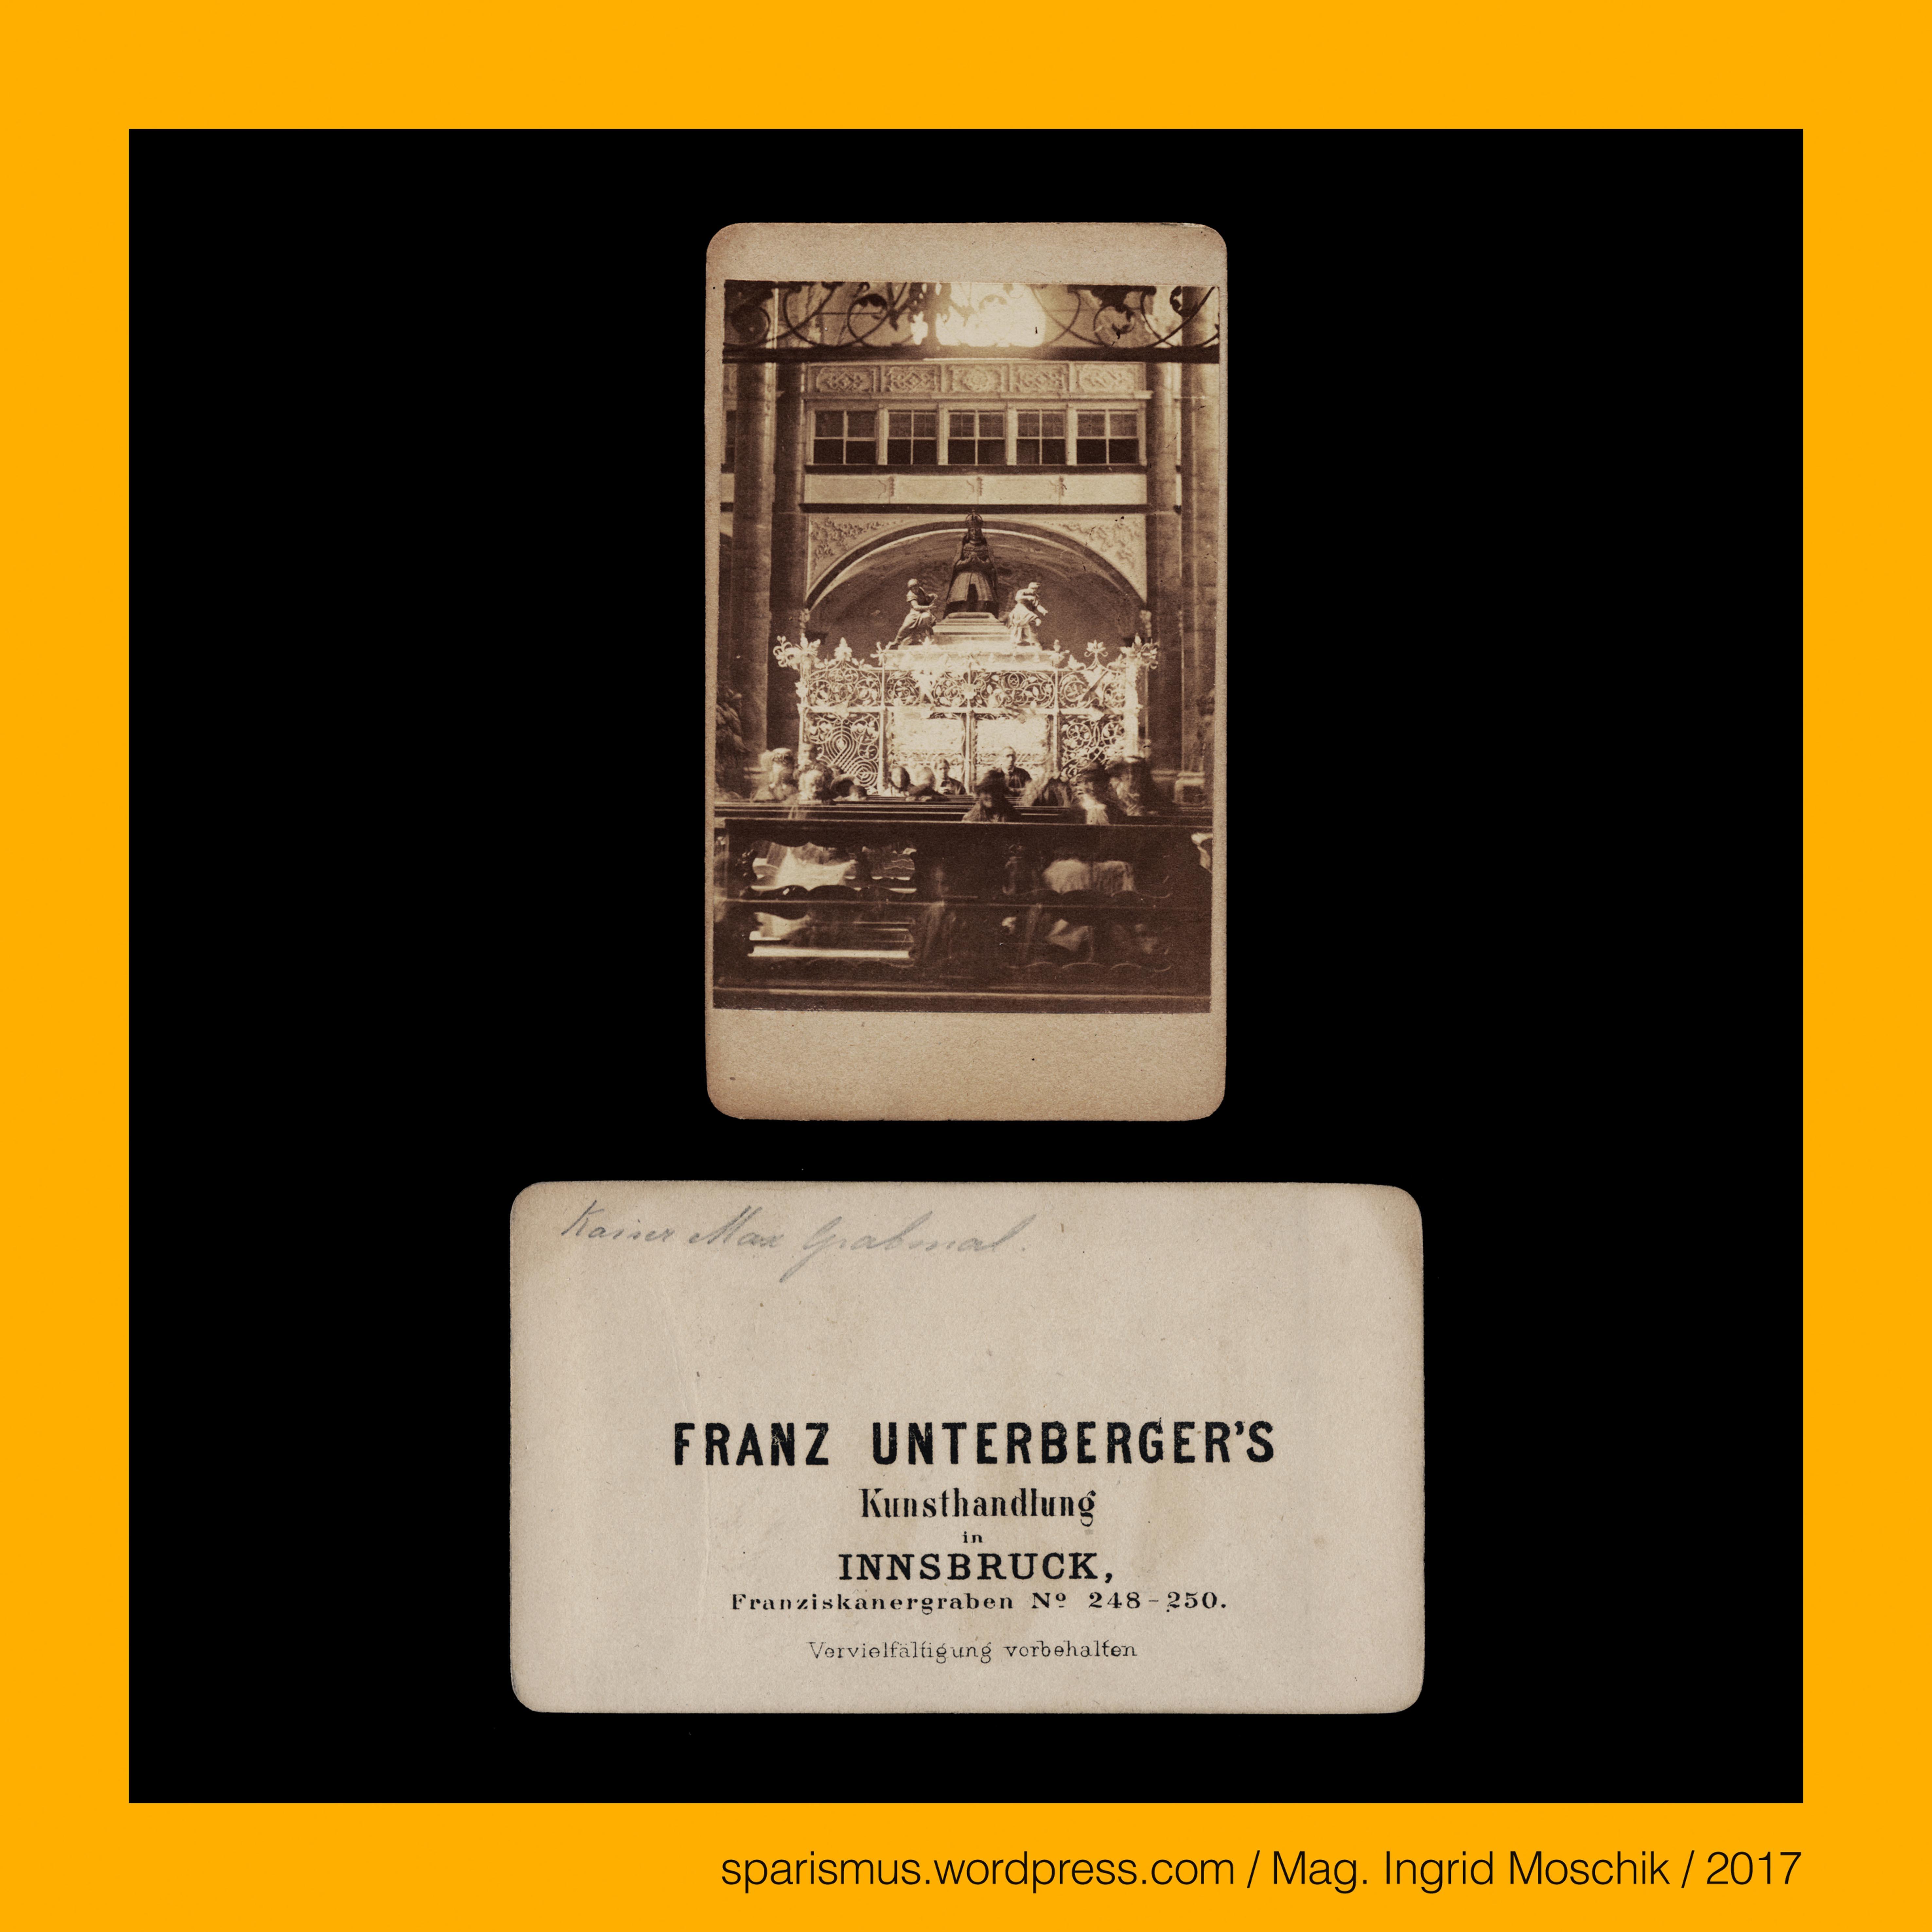 Franz Unterberger s Kunsthandlung in Innsbruck Franziskanergraben 248 250 Kaiser Maximilian Grabmal in der Hofkirche um 1870